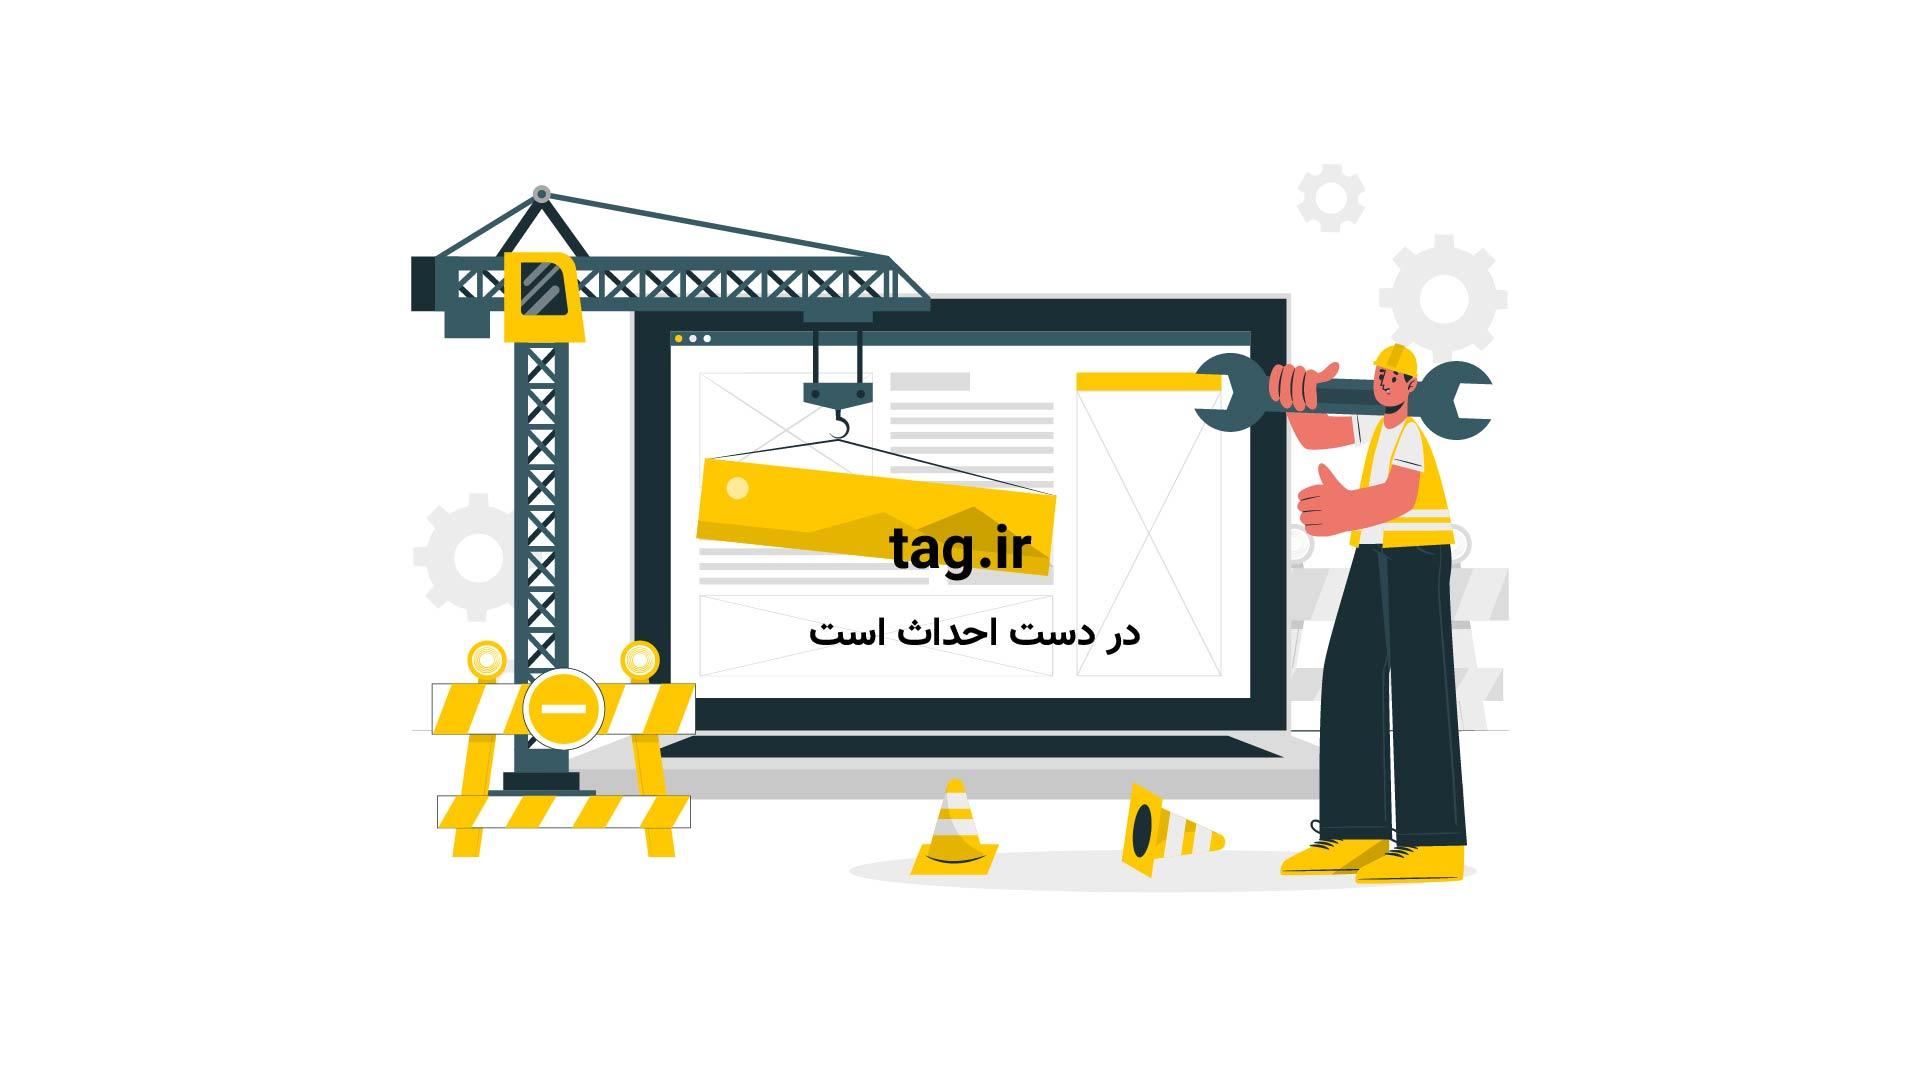 نظریه نسبیت انیشتین   تگ